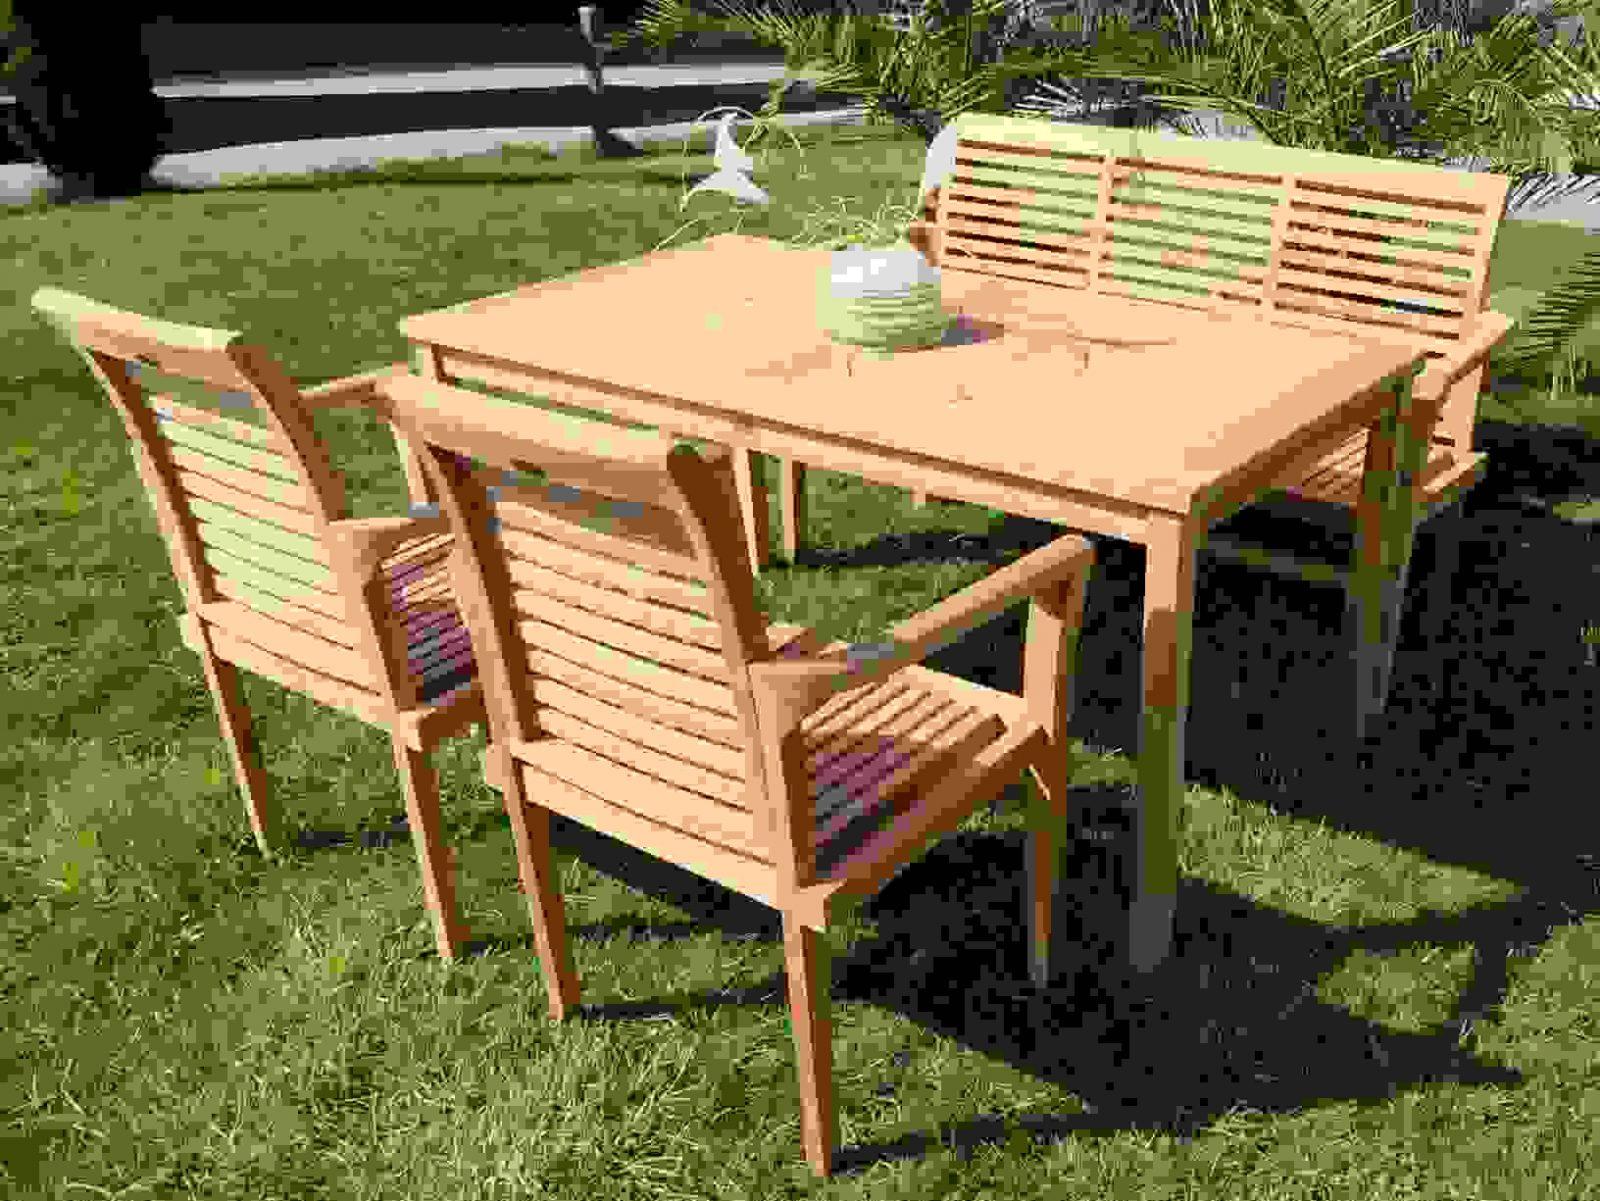 Wunderbar Gartenset Holz Set Alpen 150X80 2Alpen Bank 11 Wz Von von Gartenmöbel Set Holz Mit Bank Bild